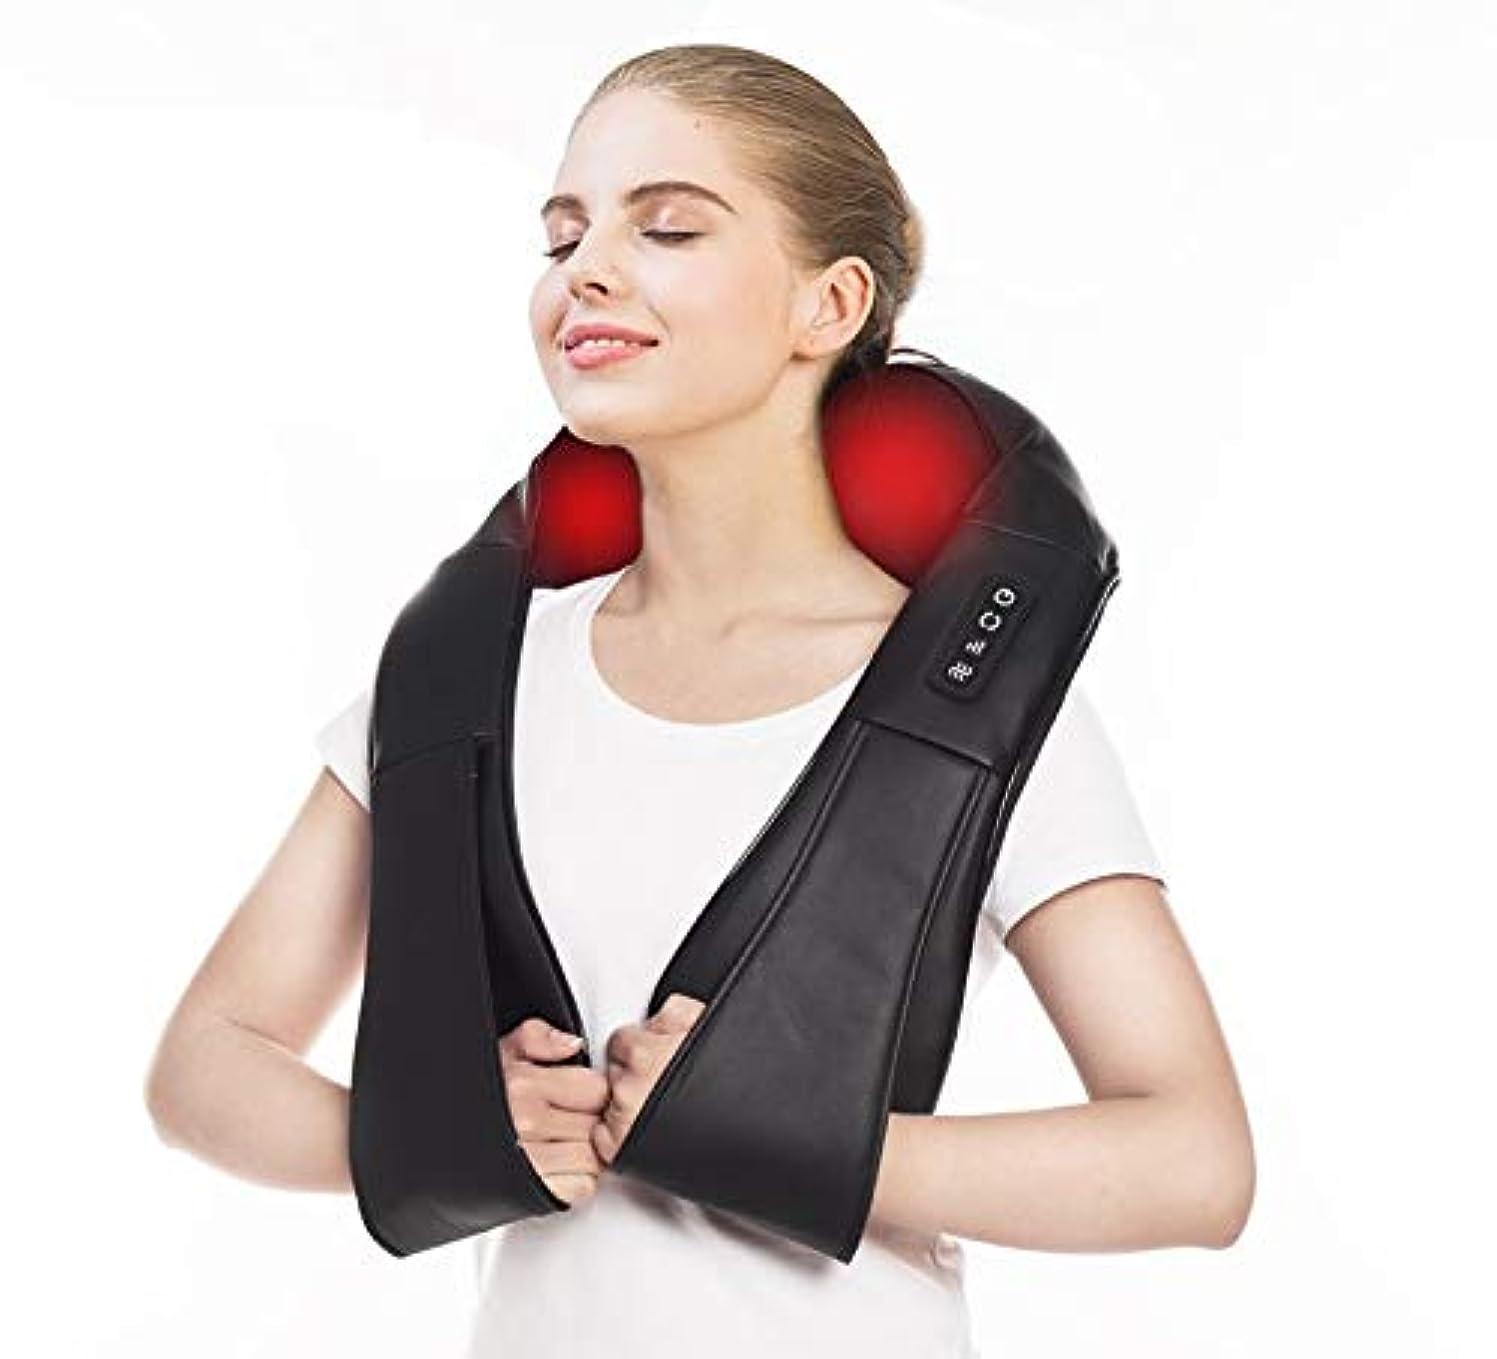 活気づけるヘルパー剛性首マッサージャー ?ネック?ショルダーマッサージ 器 静音 マッサージ機 肩 首 首 マッサージ ヒーター付 首?肩?腰?背中?太もも 肩こり ストレス解消? 携帯、車や家庭での使用